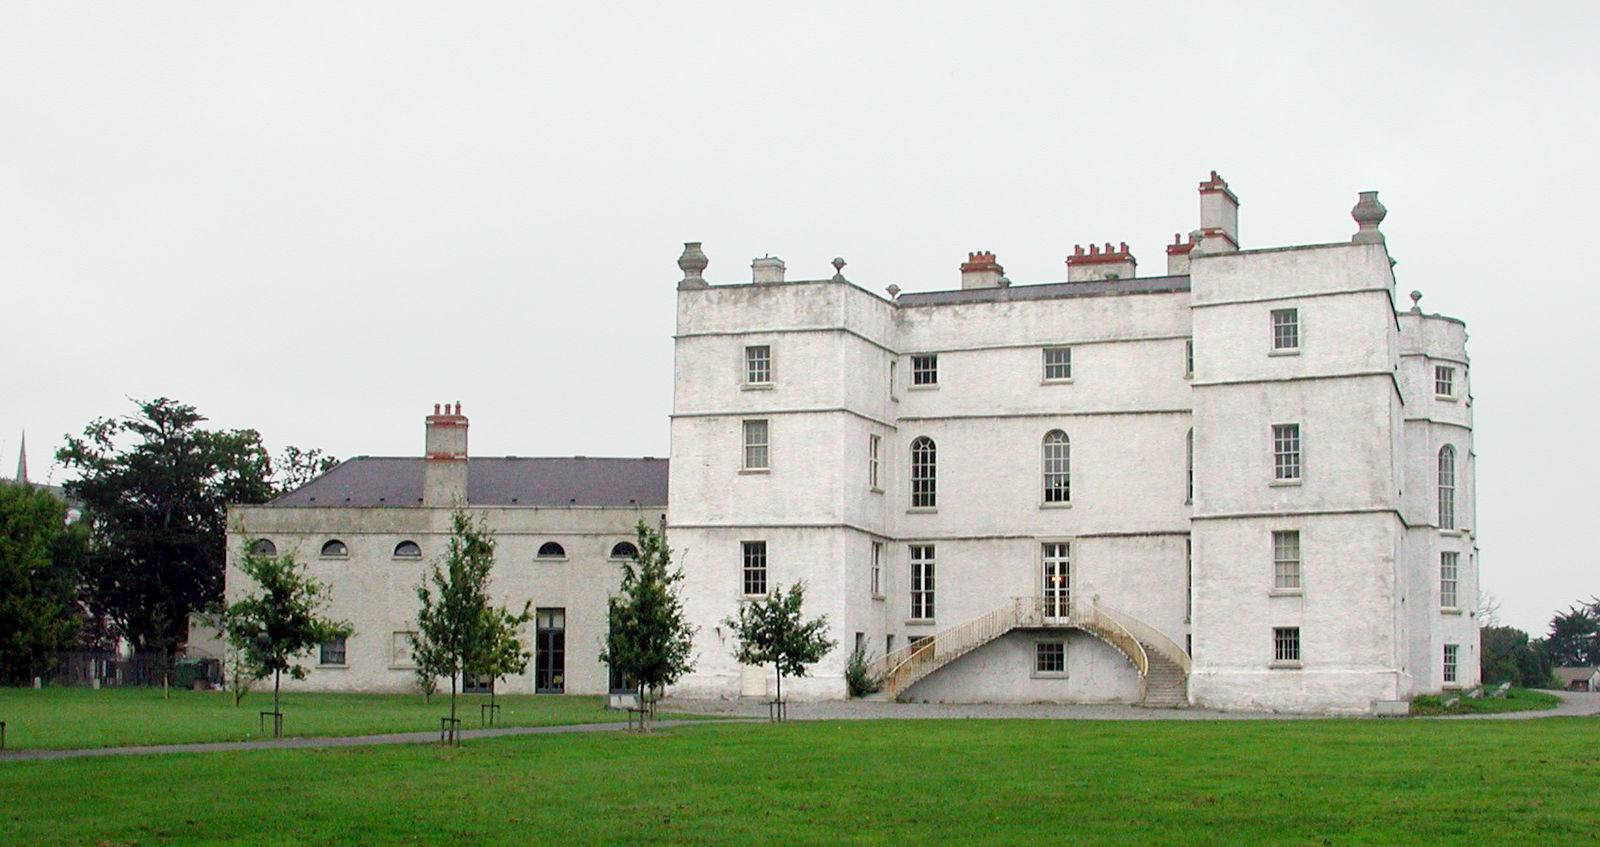 Rathfarnham Castle Irish Heritage Site